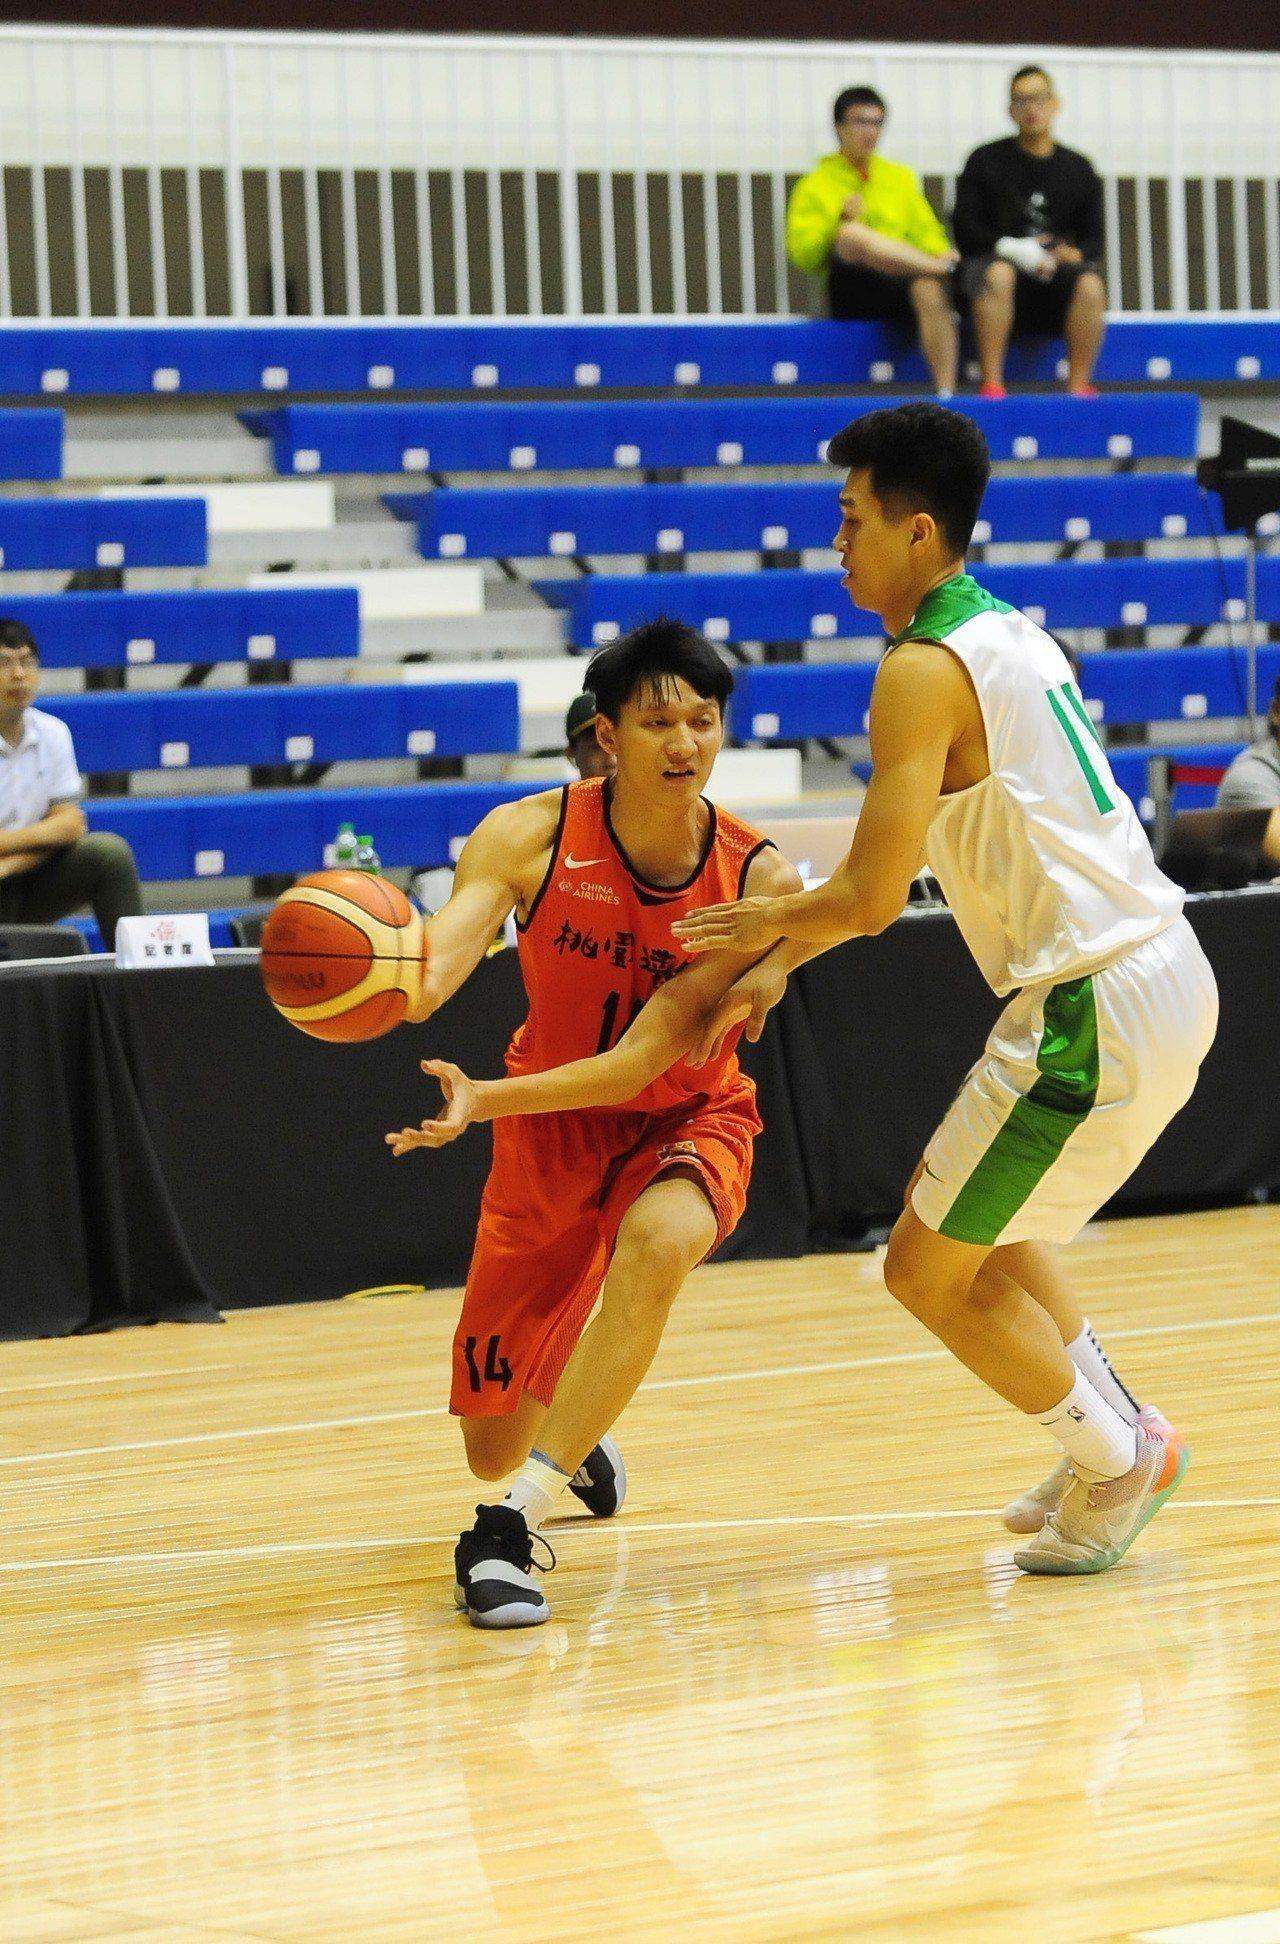 璞園隊李啟瑋(左)20分含6記三分球。圖/中華籃球協會提供